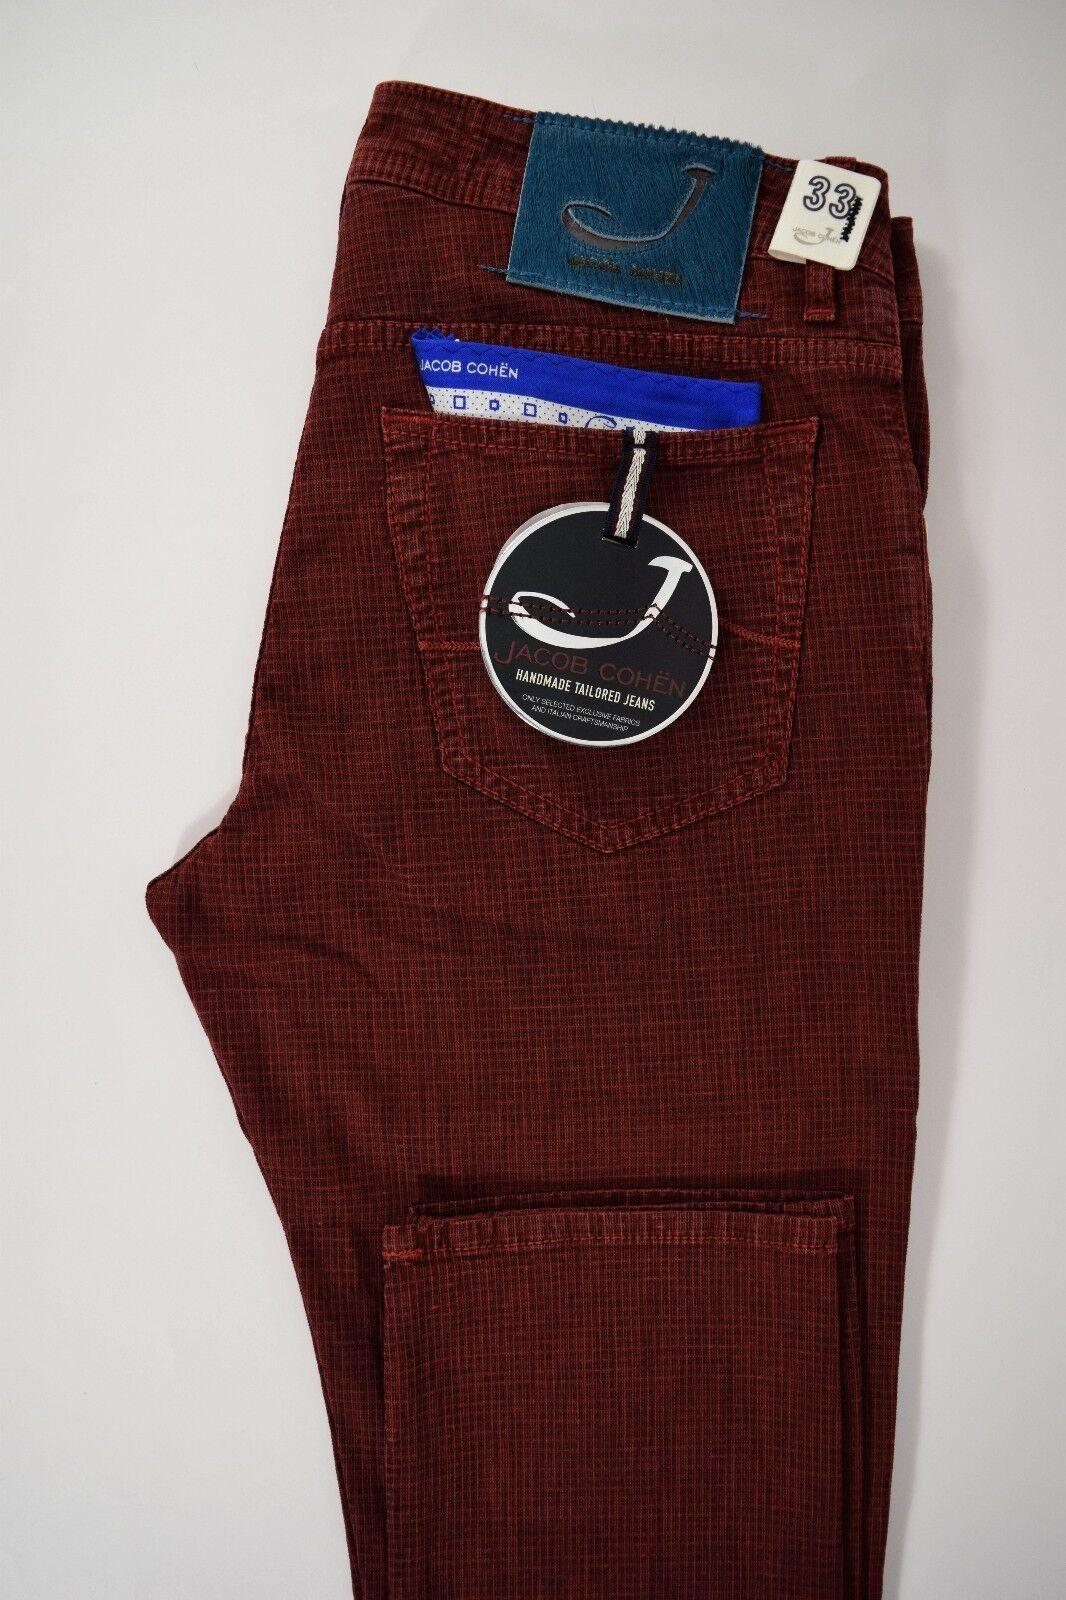 JACOB COHEN J688 comfort 5 tasche JEANS uomo pantalone COTONE stretch P E rosso